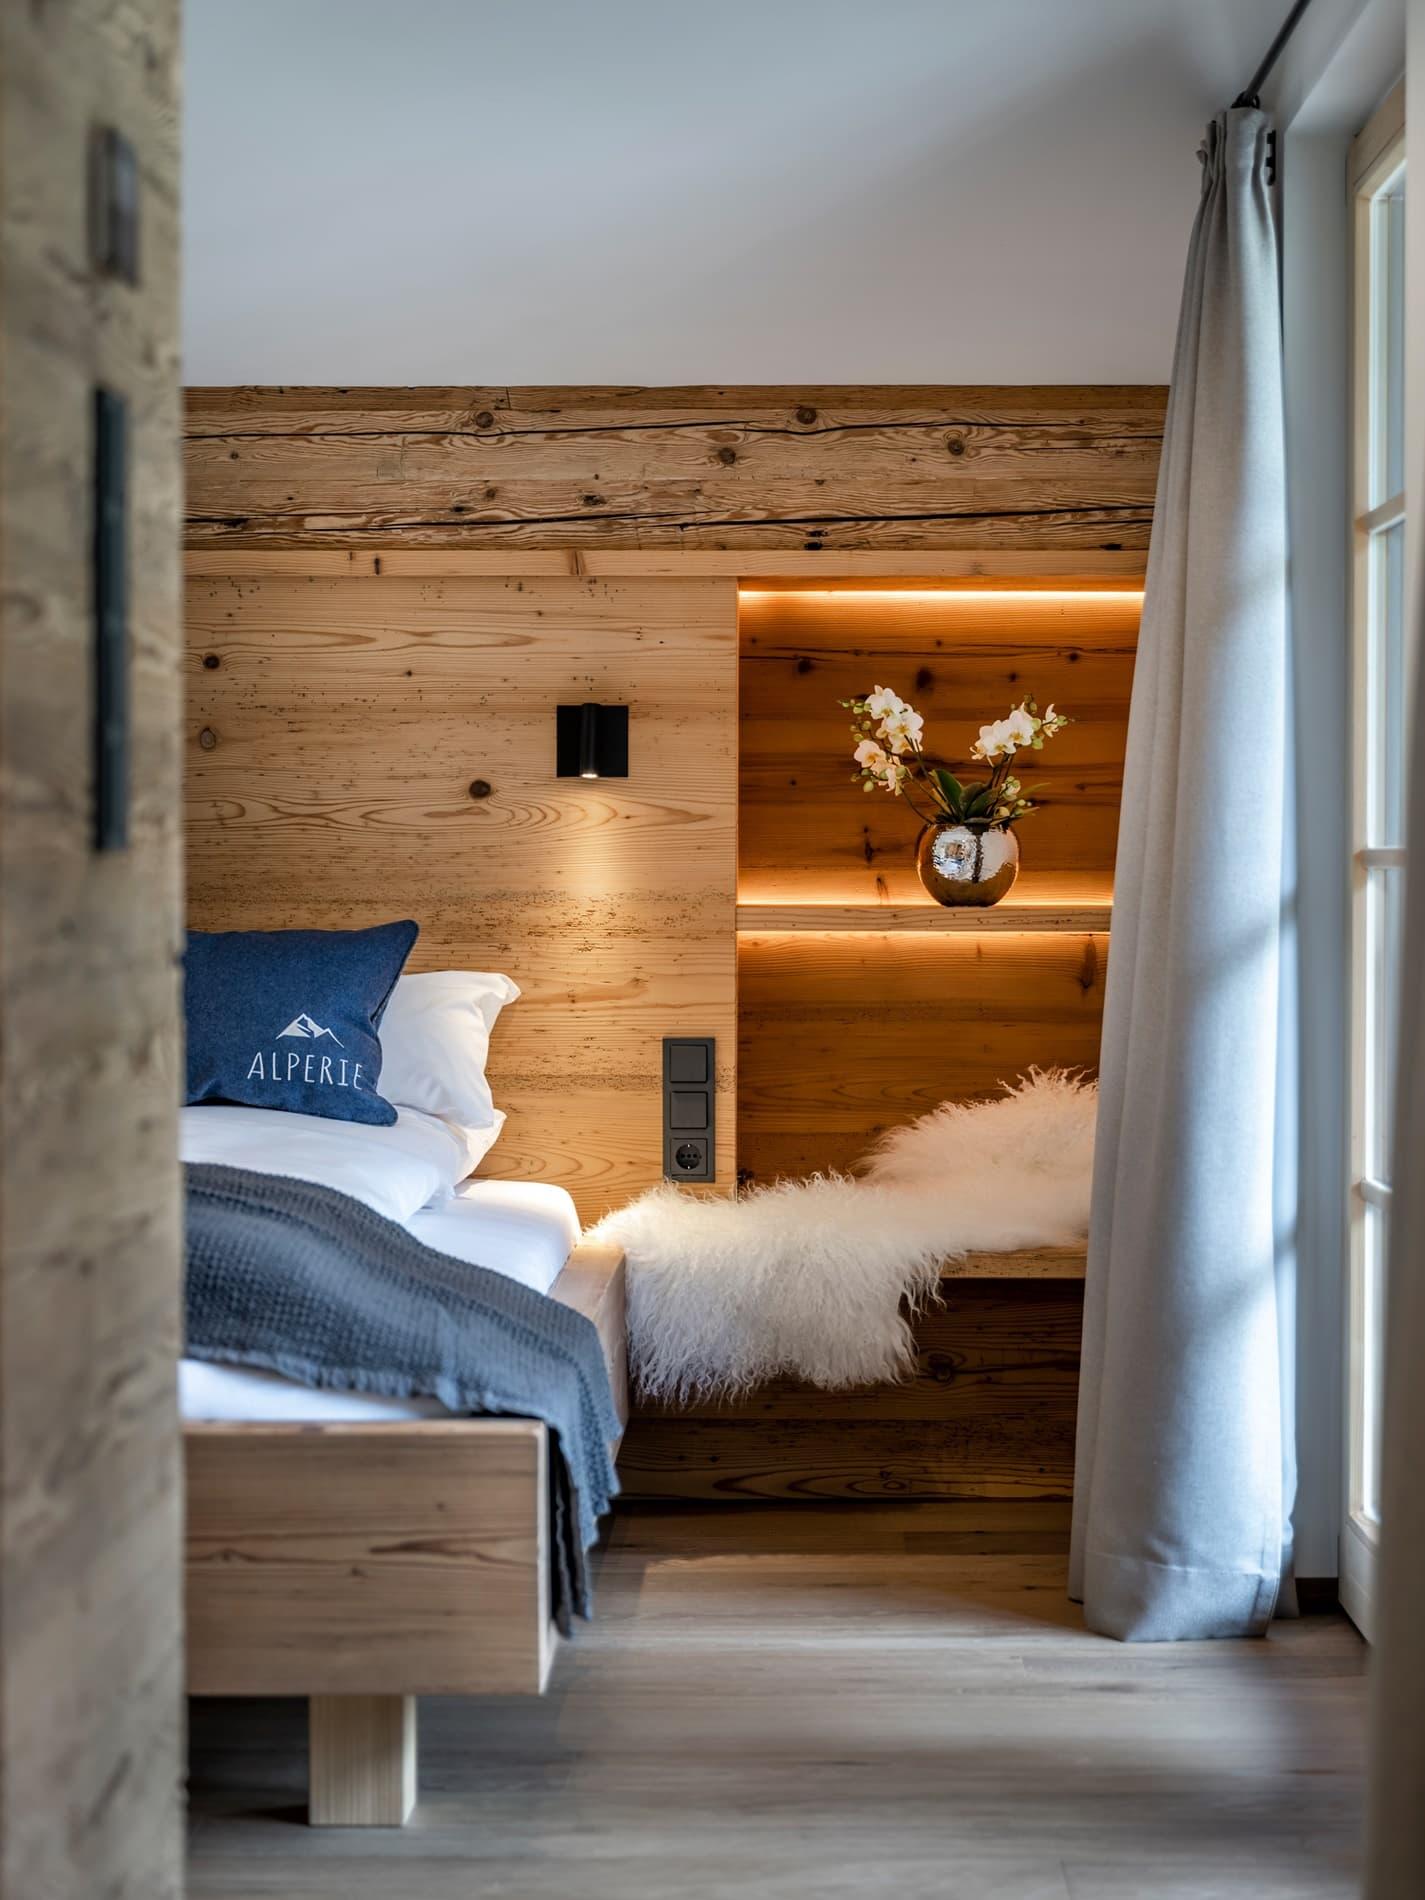 Schlafzimmer Ferienwohnung Gipfelstürmer Ferienhaus Alperie